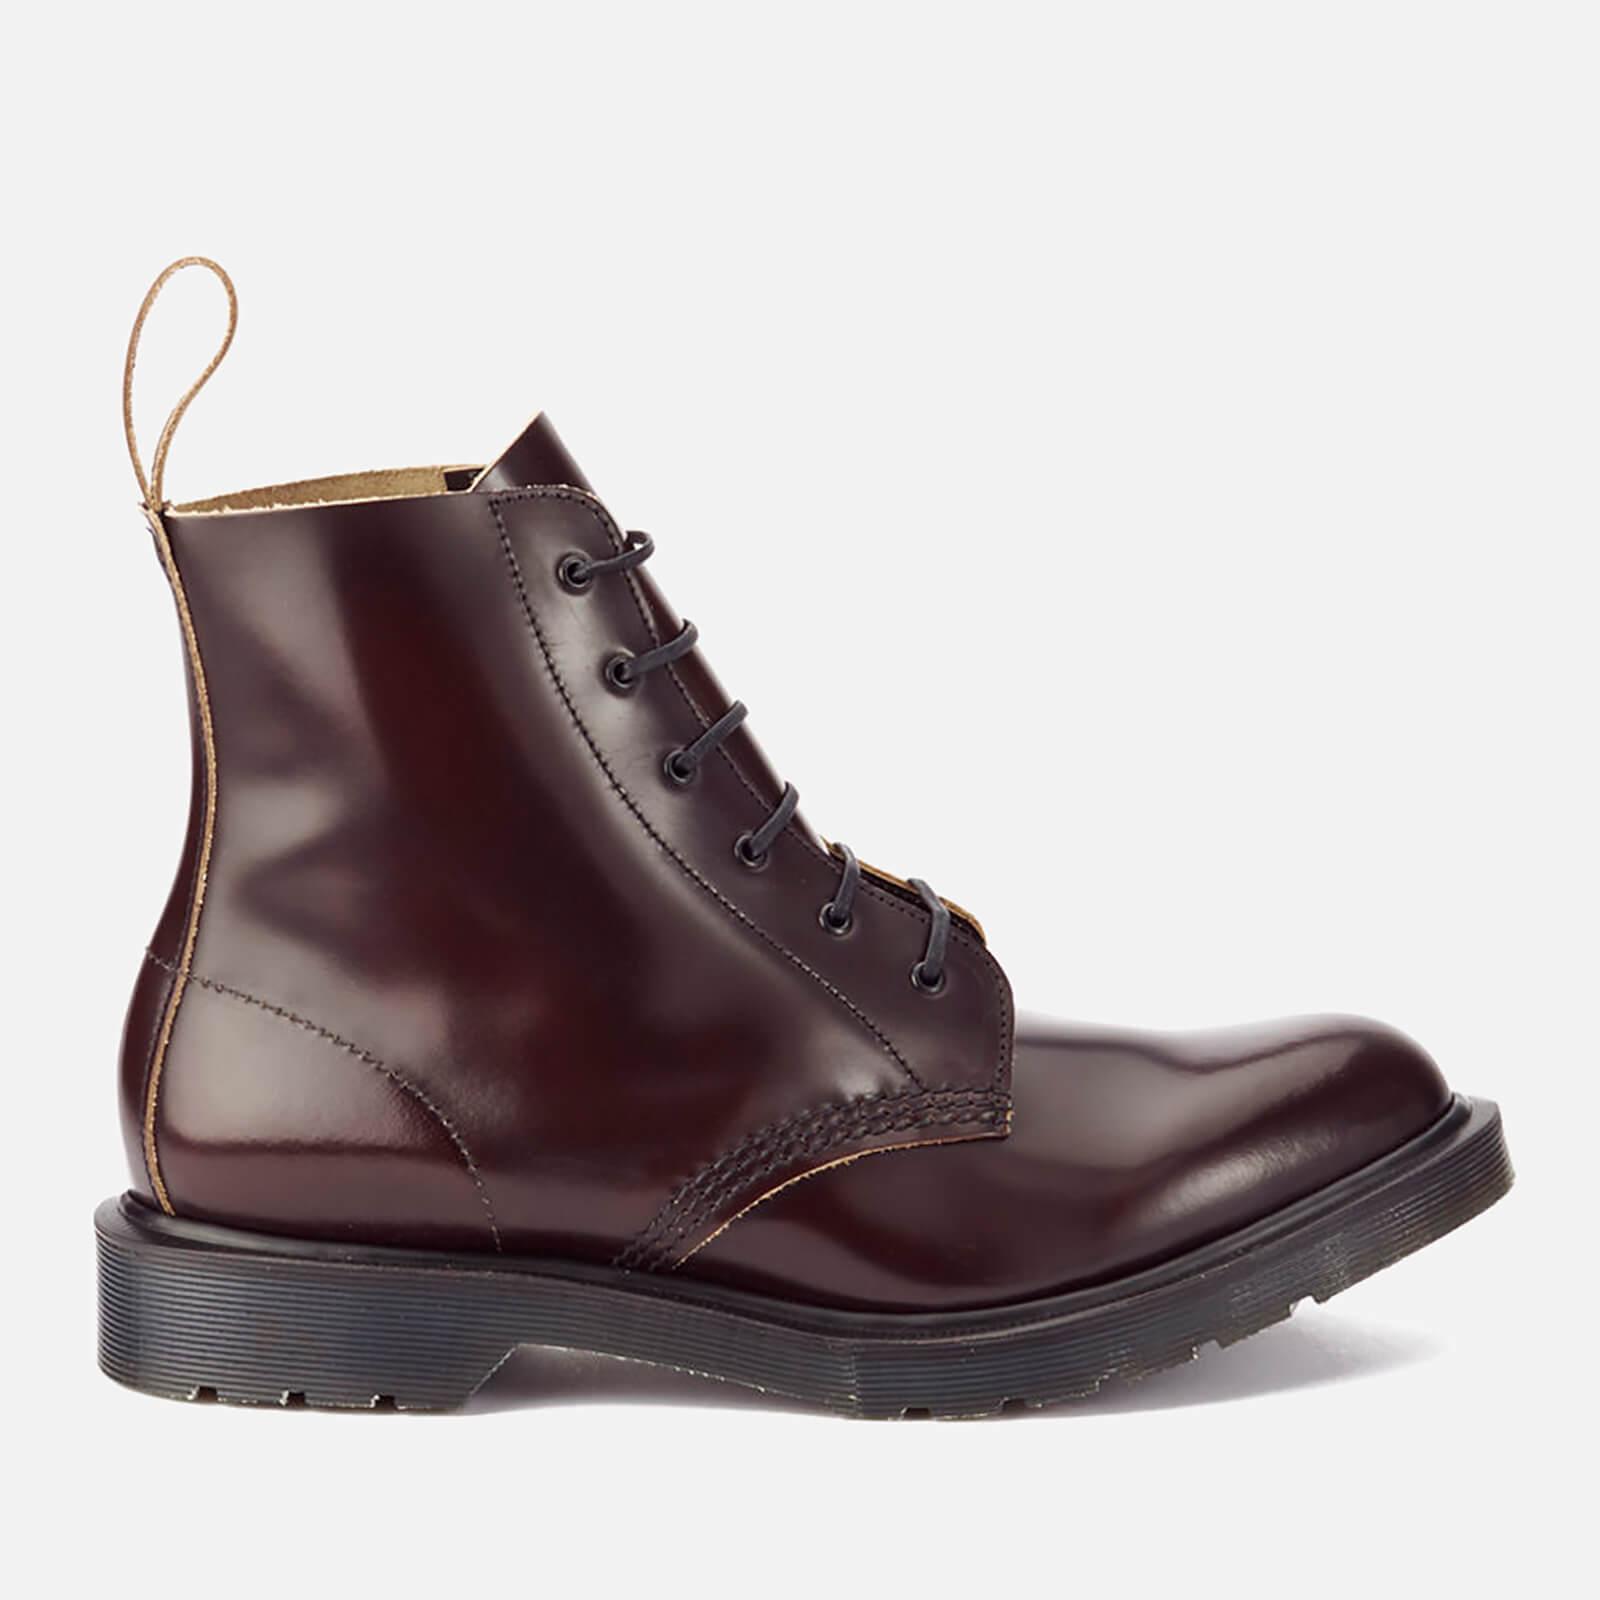 659ea8da4e Dr. Martens Men's 'Made in England' Arthur Leather 6-Eye Boots ...